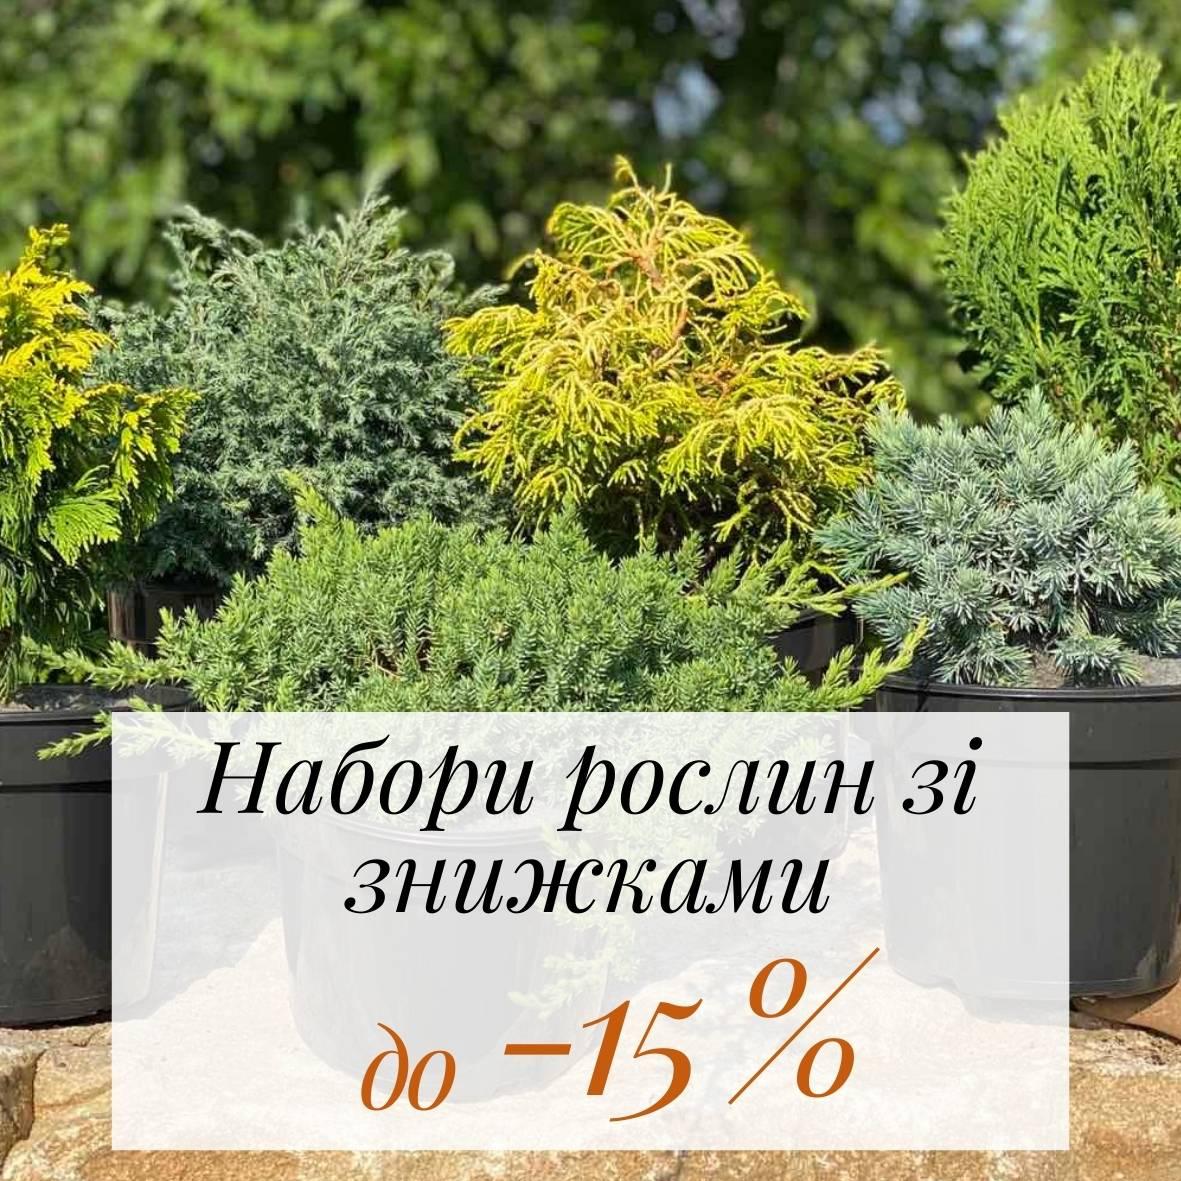 Набори рослин зі знижками до -15%